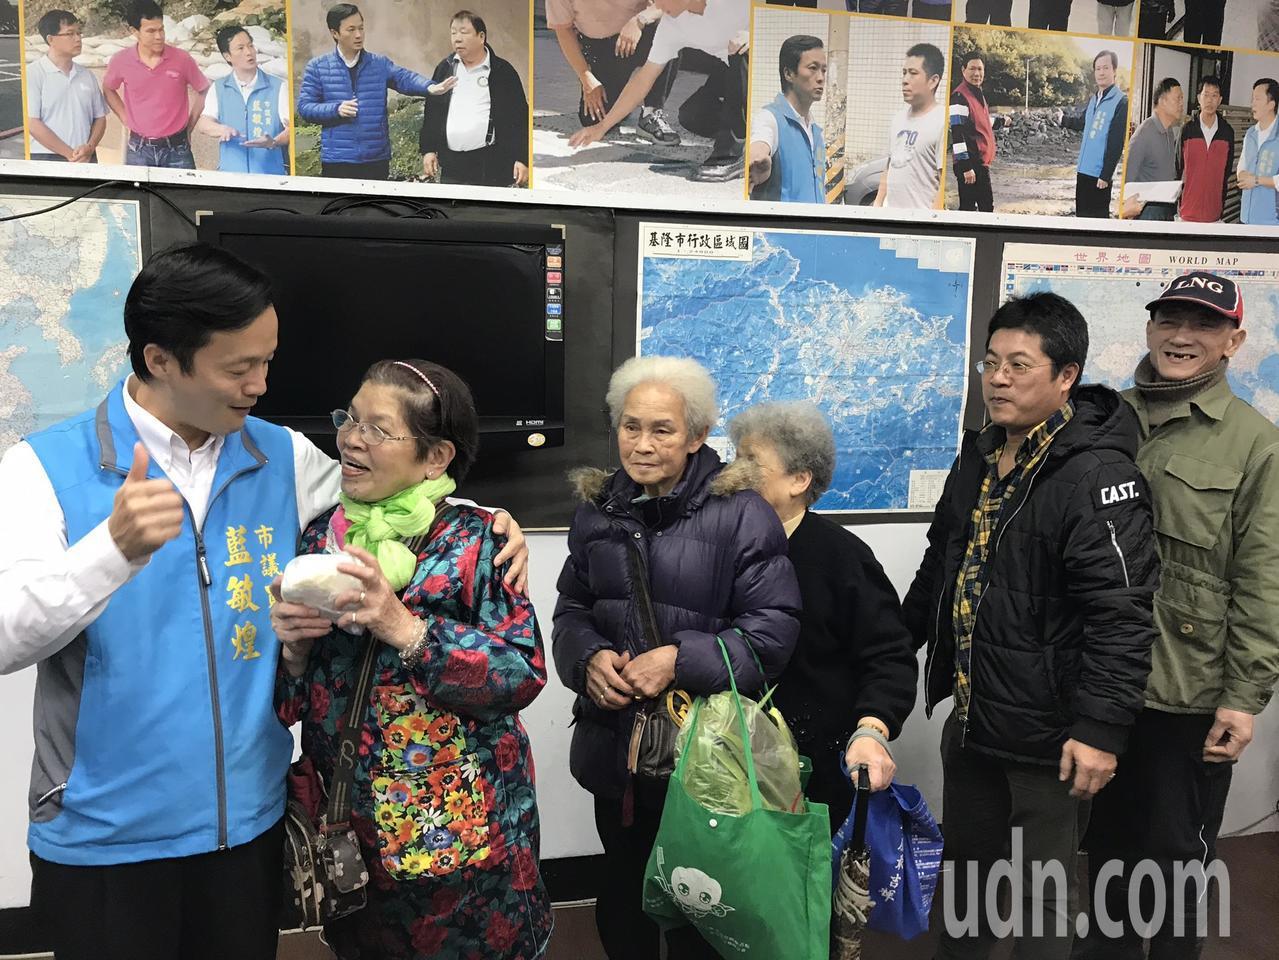 高雄市長韓國瑜被諷土包子議題延燒,爭取國民黨立委黨內初選的基隆市議員藍敏煌,今天...